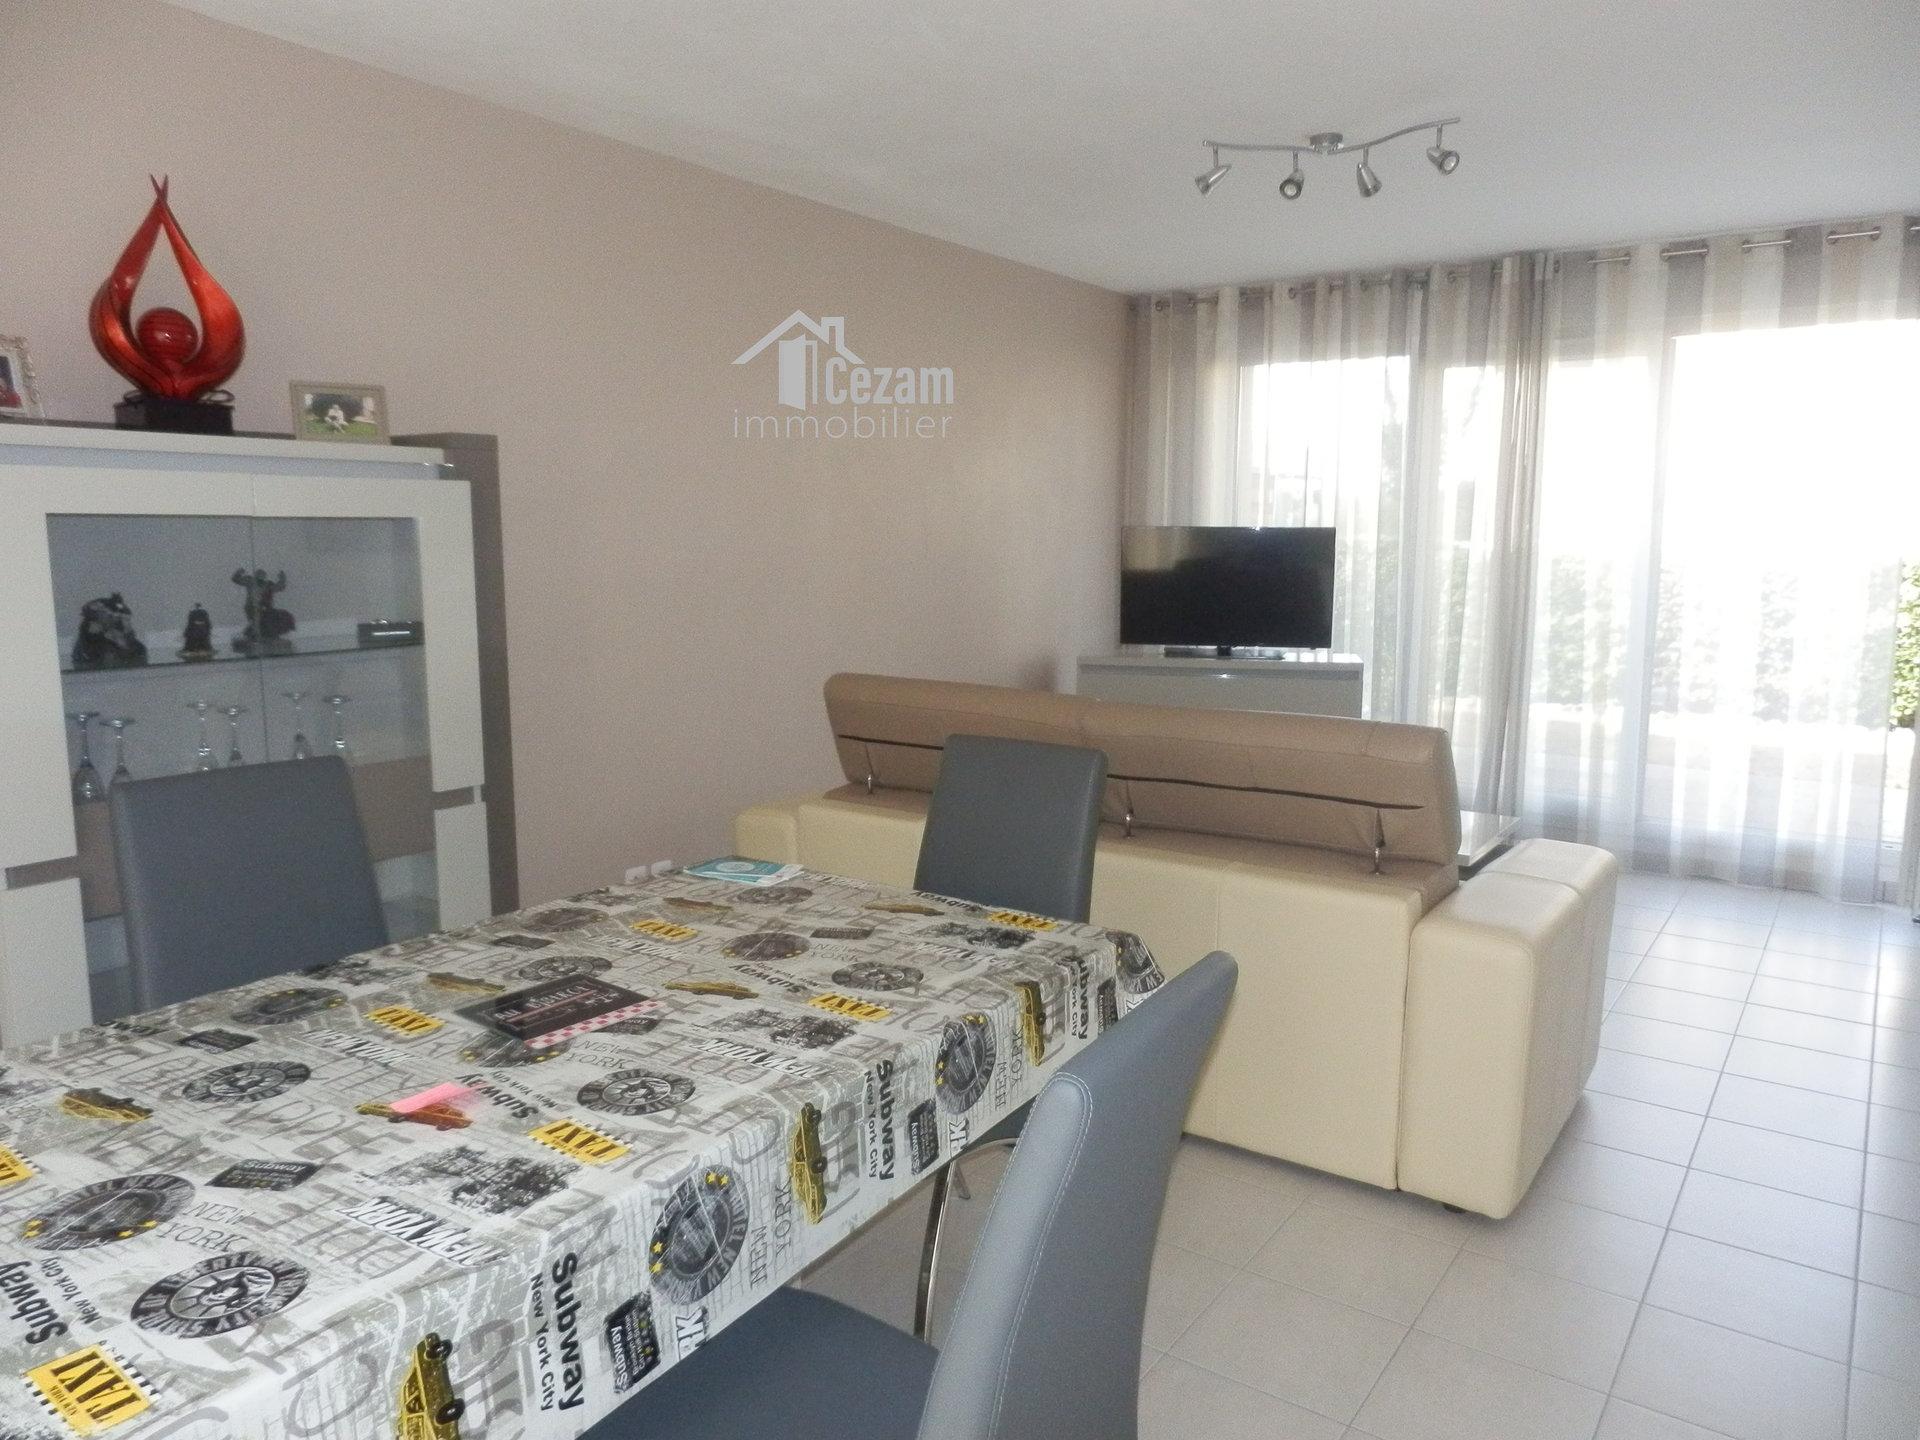 Maison à vendre à Louviers 27400, idéale 1er achat